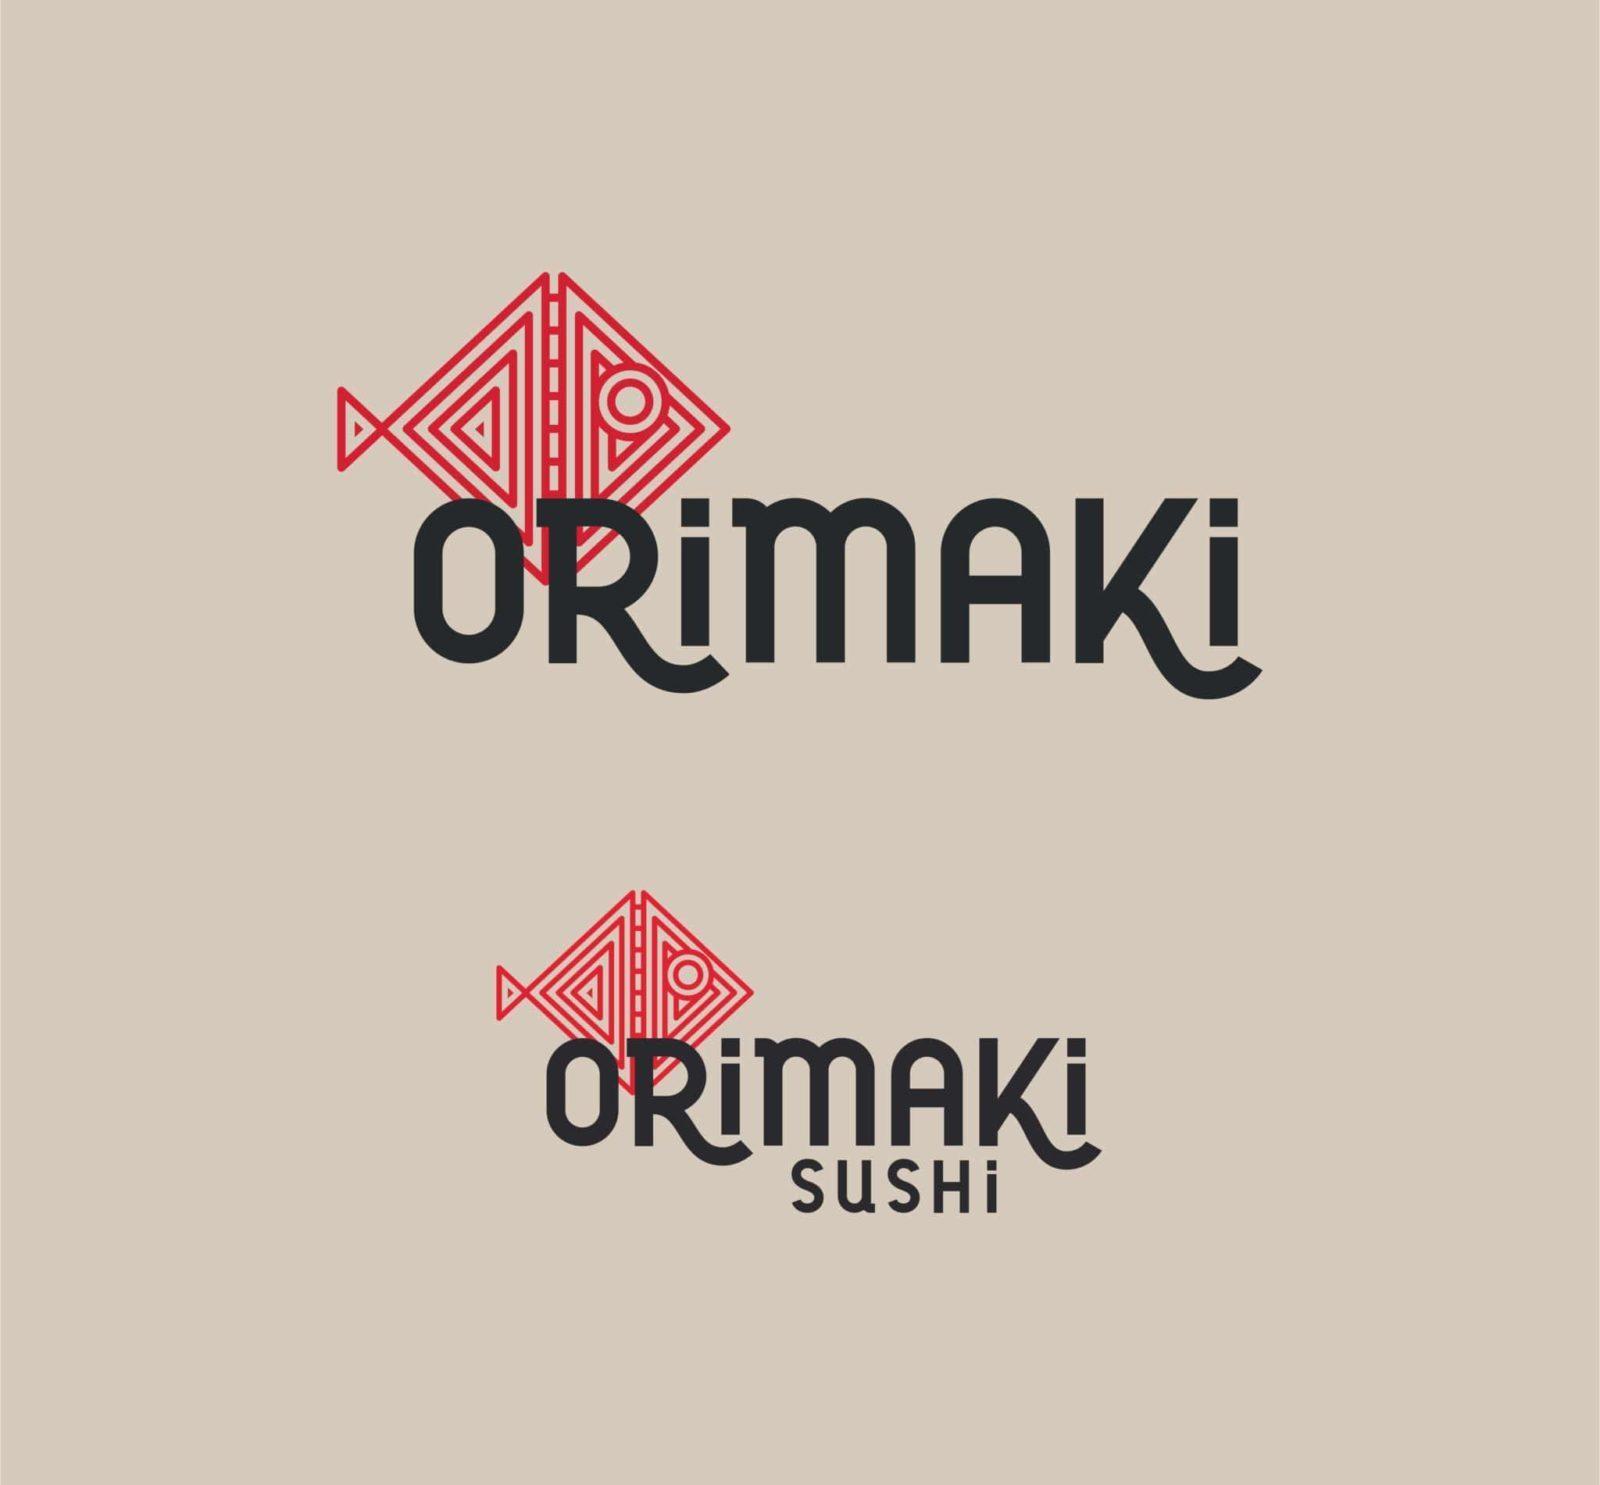 diseño de marca logotipo imagen restaurante sushi